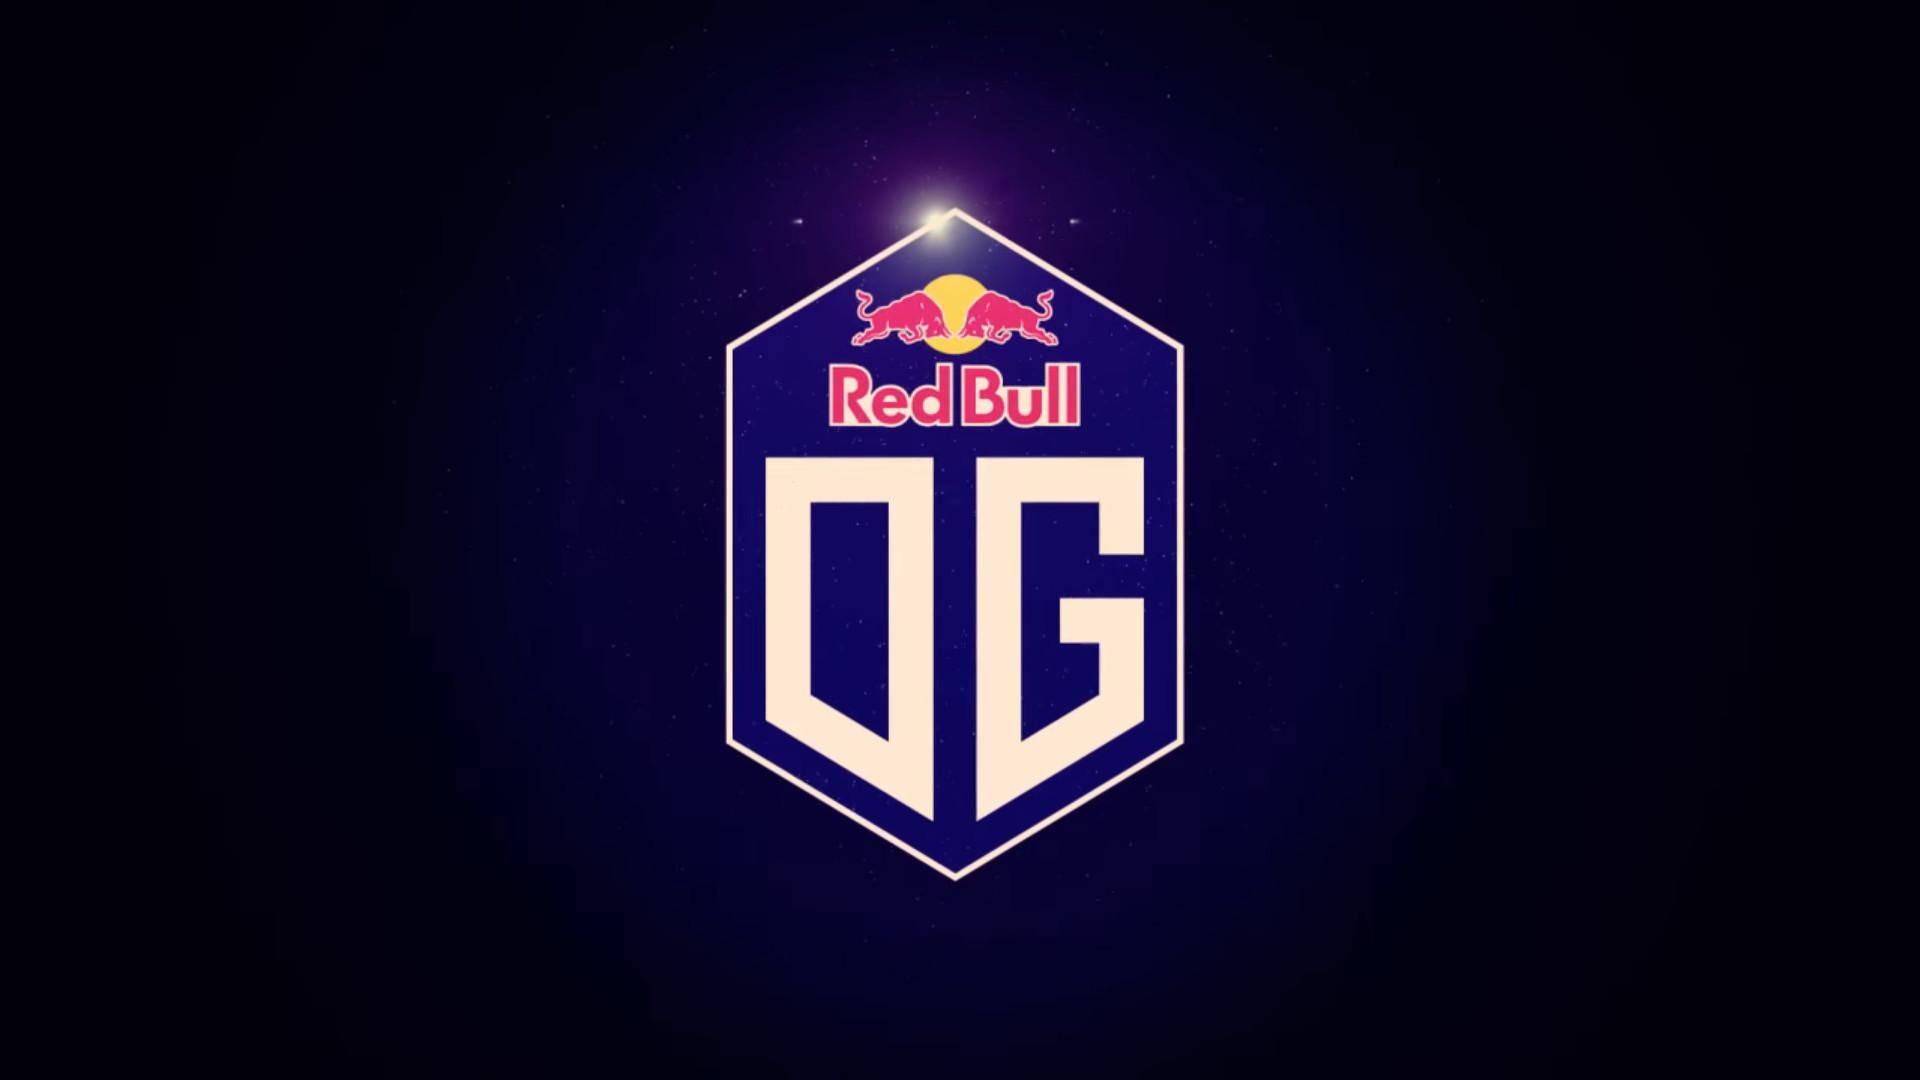 Red Bull Logo Wallpaper 60 Images